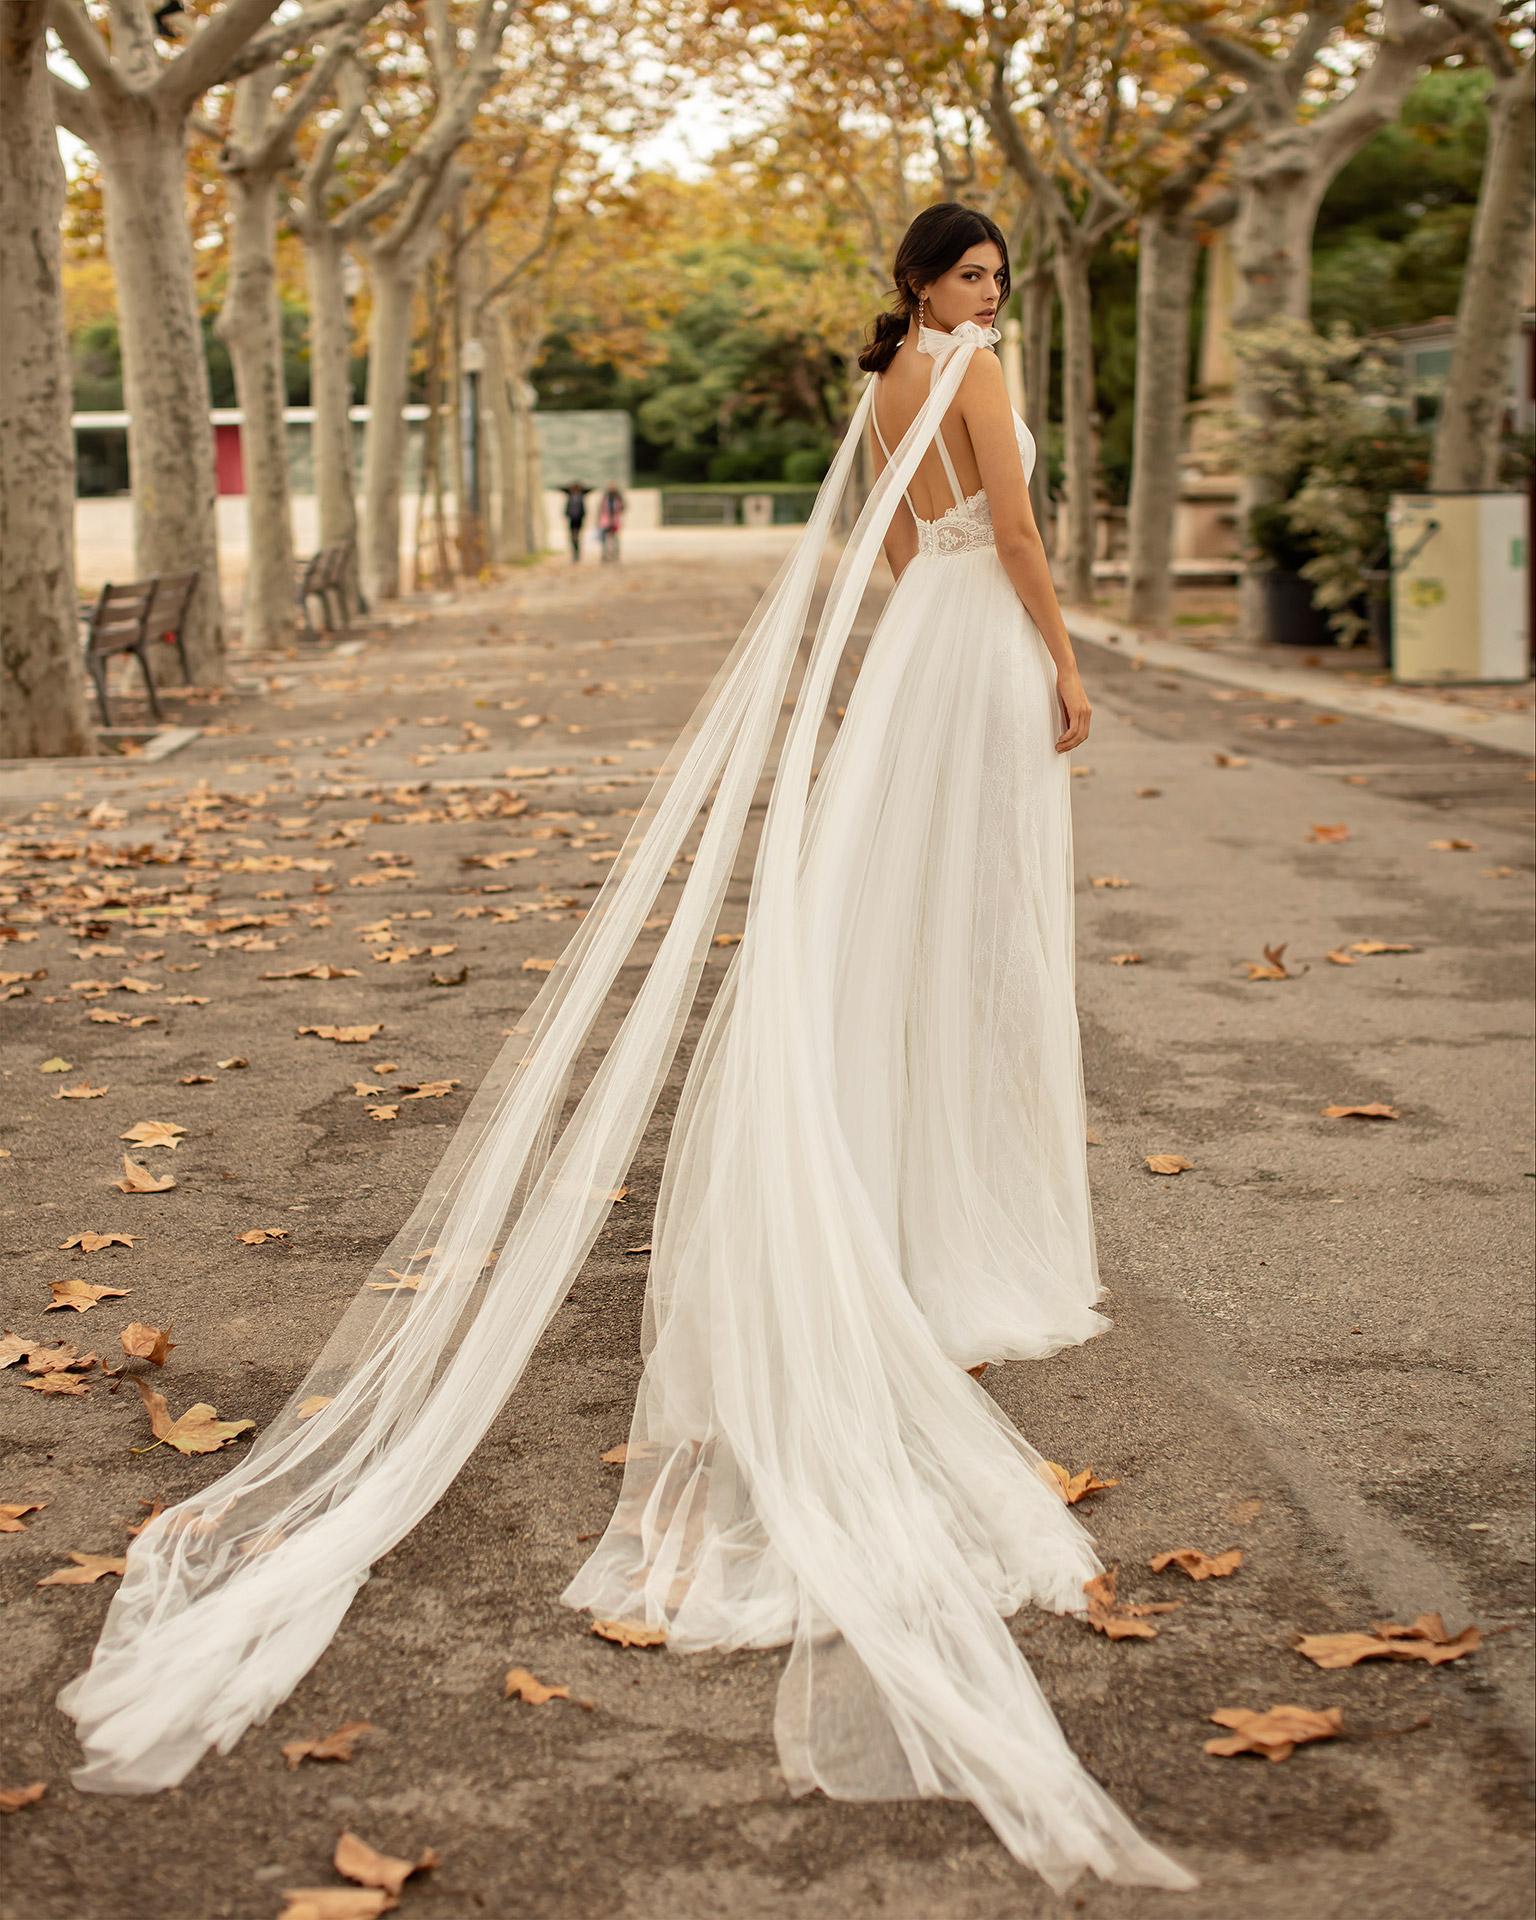 Vestido y caídas de novia estilo romántico de tul suave, encaje y pedrería con escote deep-plunge. Colección ALMANOVIA 2020.